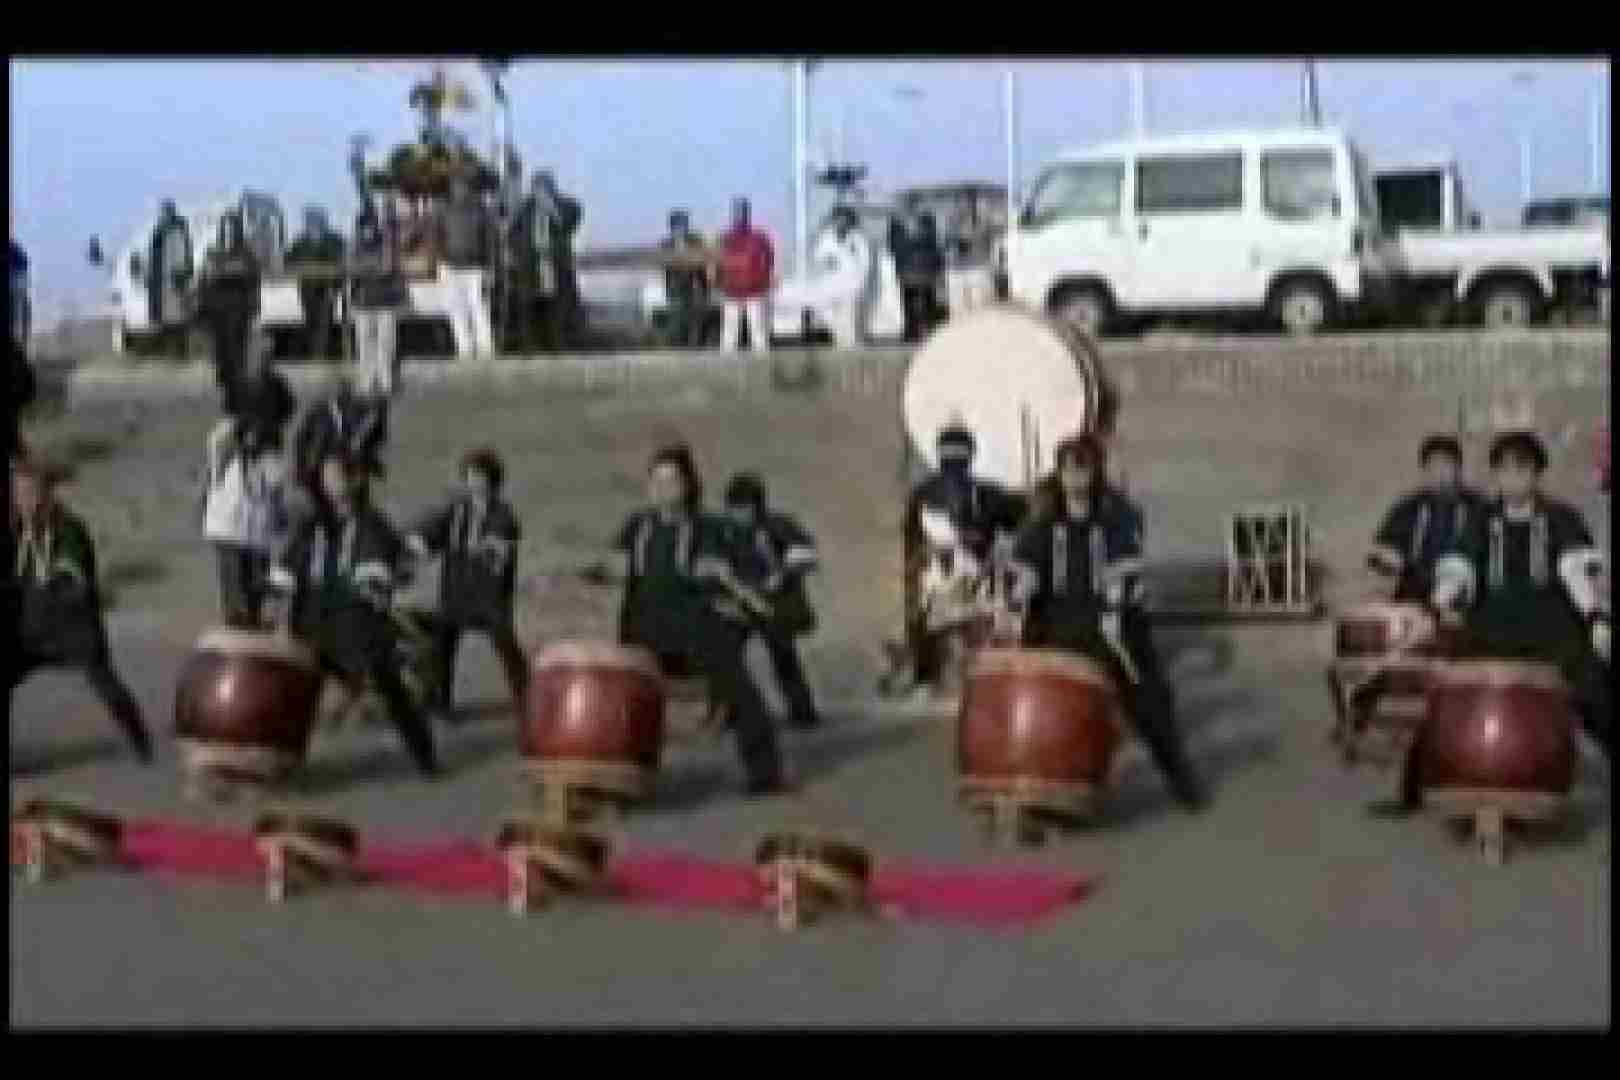 陰間茶屋 男児祭り VOL.1 野外露出 ゲイ素人エロ画像 66枚 22